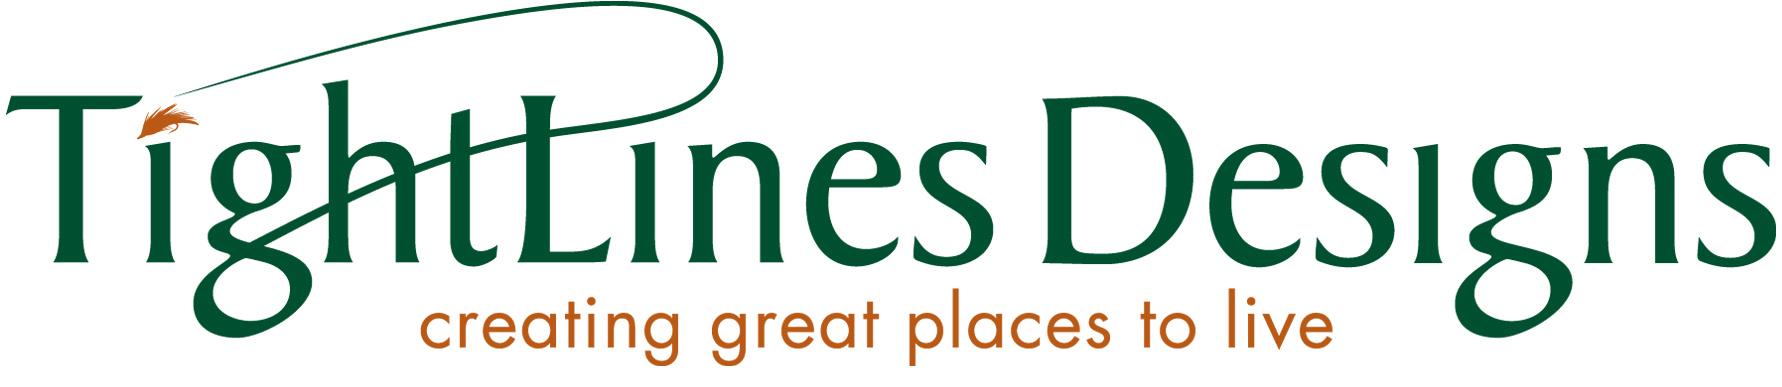 TightLines Designs logo with tagline